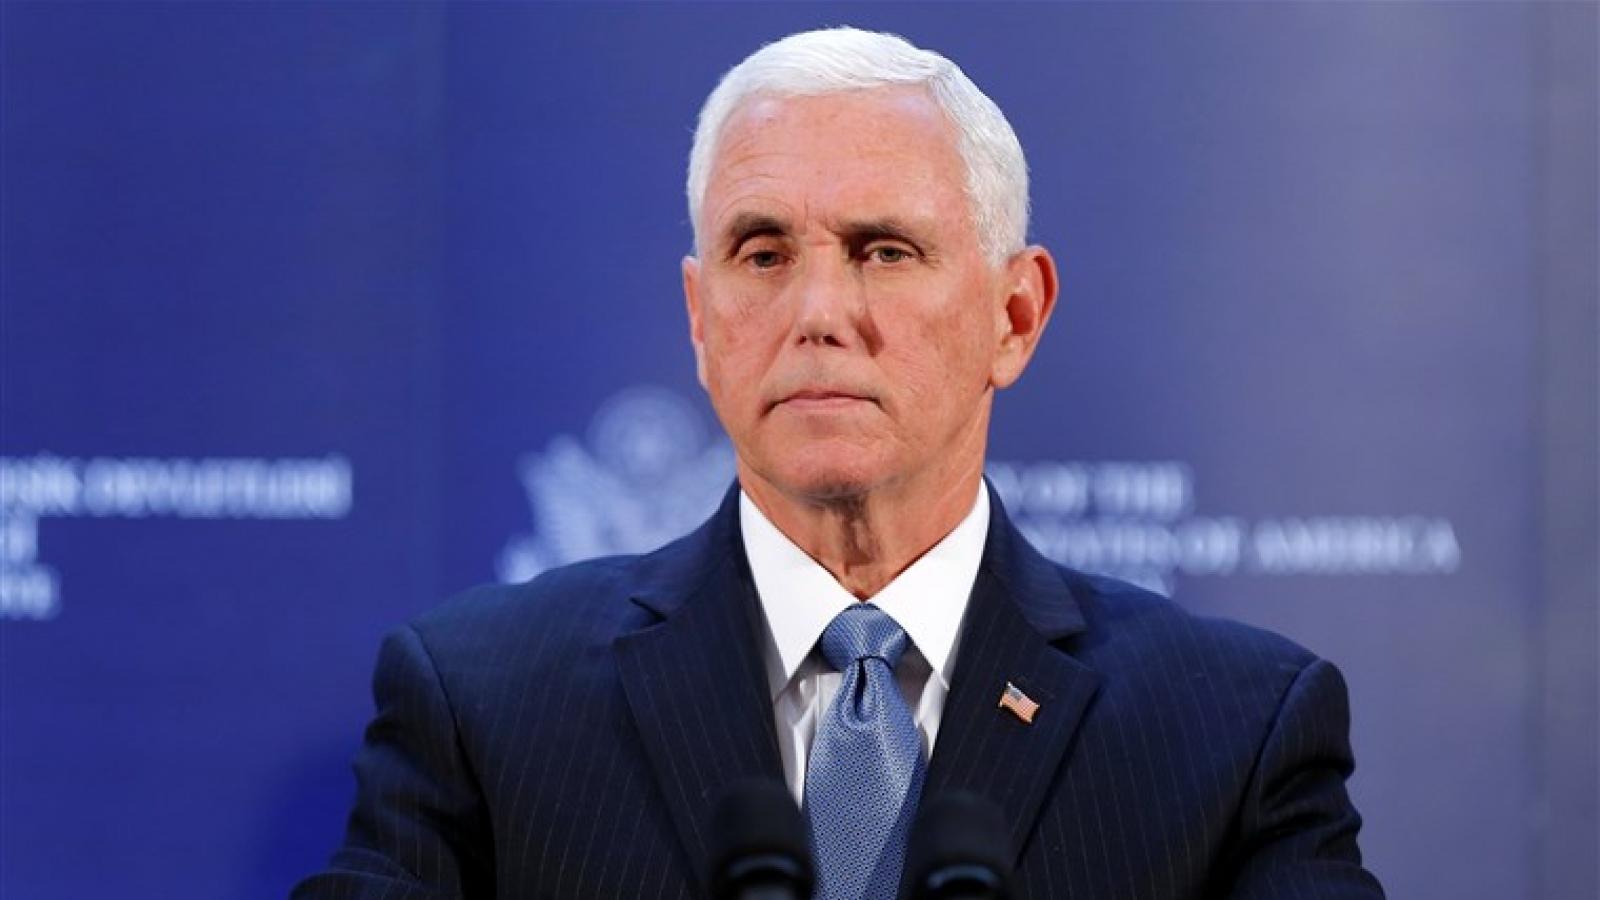 Nối gót Trump, cựu Phó Tổng thống Pence thành lập văn phòng sau khi rời Nhà Trắng